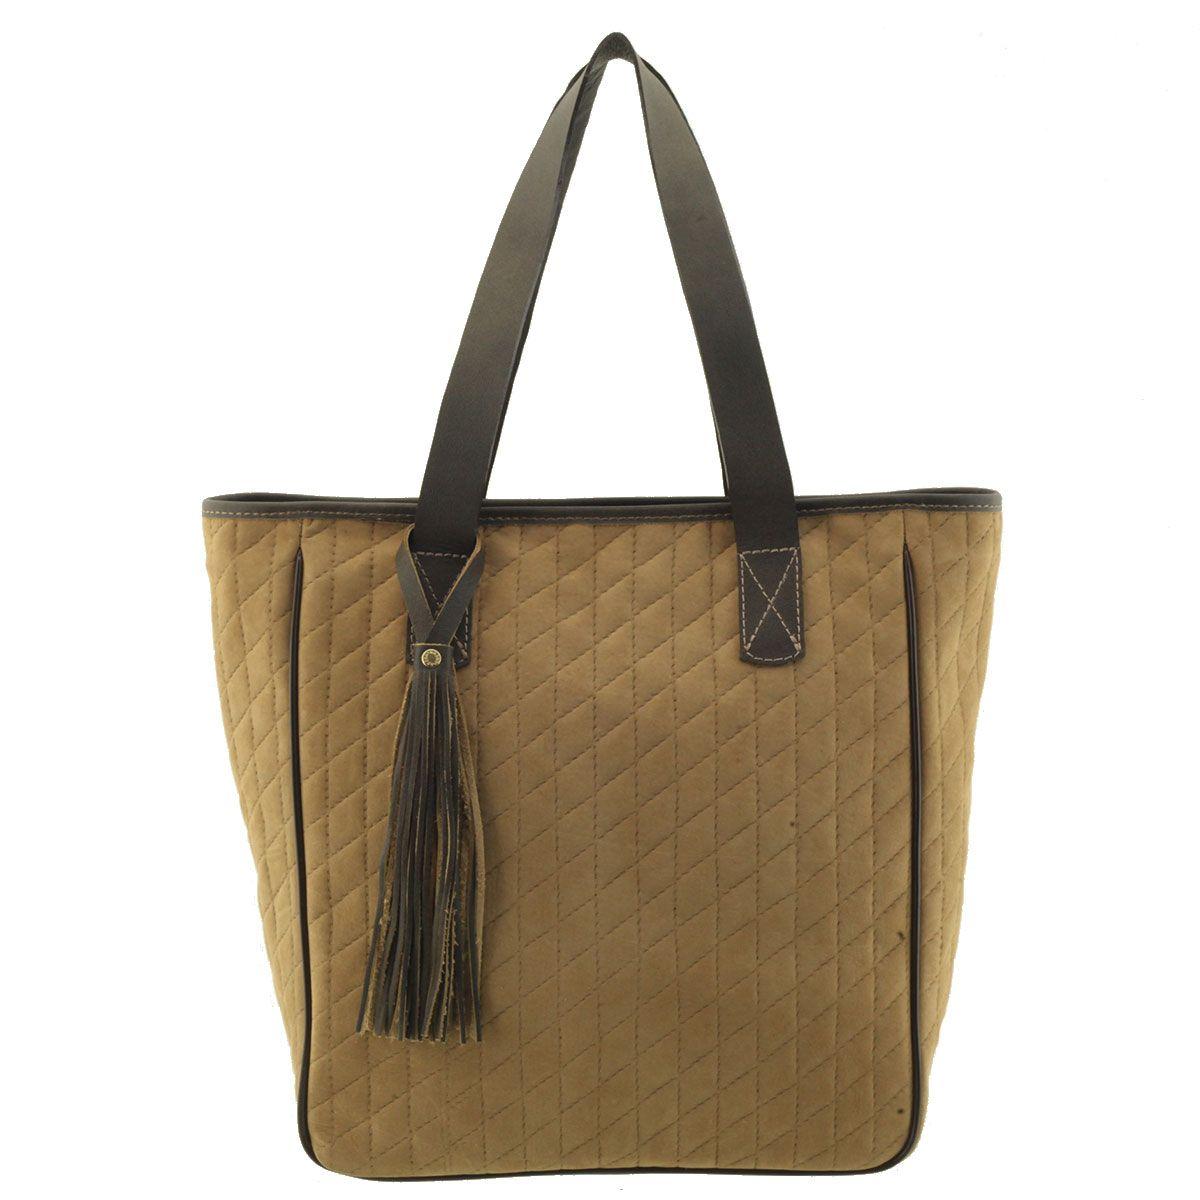 Bolsa De Couro Legitimo Caramelo : Arzon bolsa sacola couro caramelo